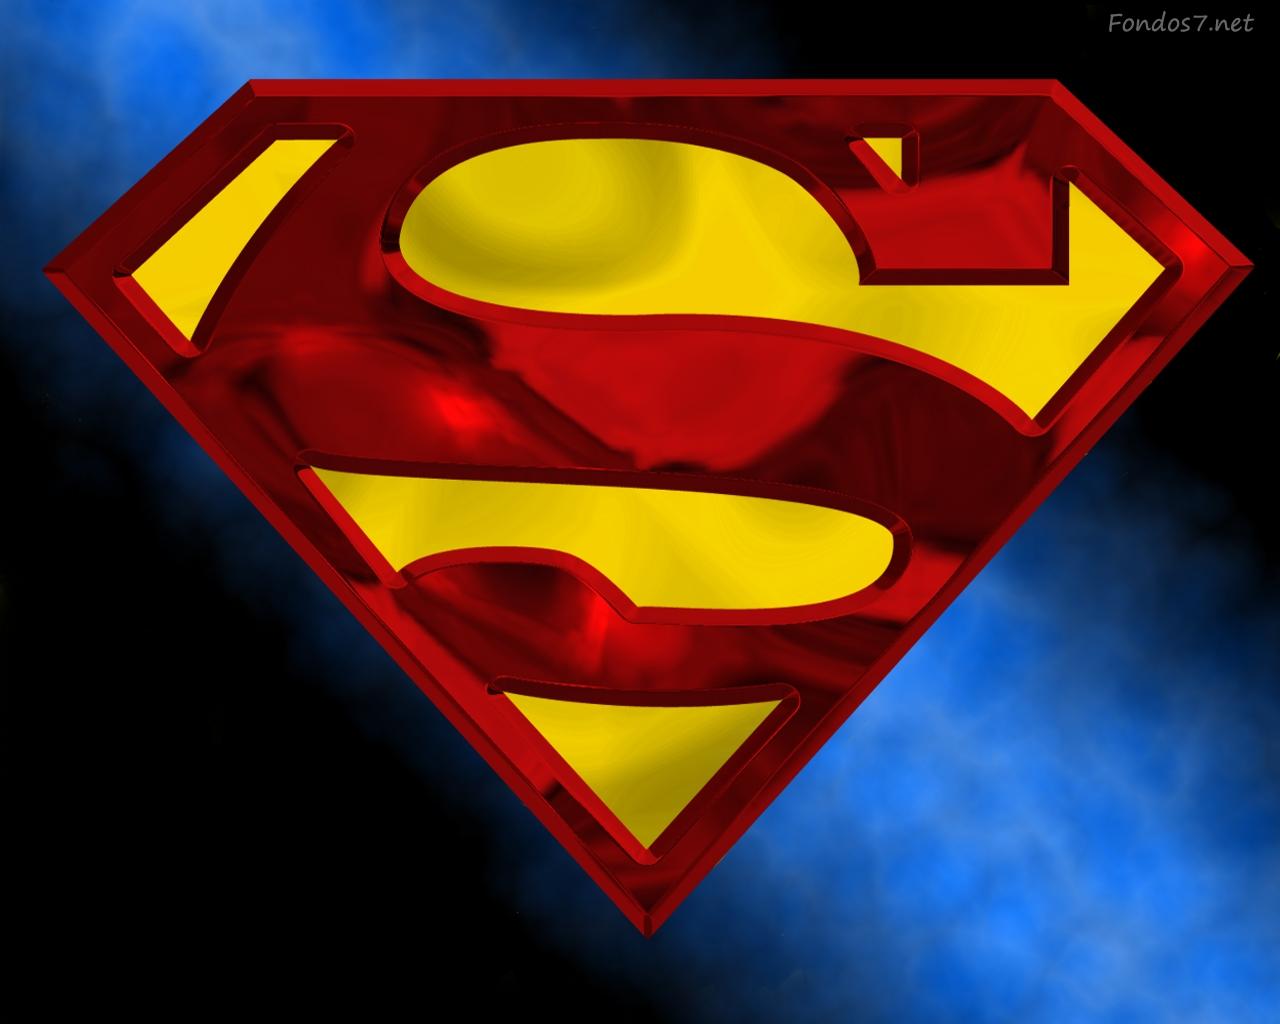 Superman 4k Wallpaper Wallpapersafari